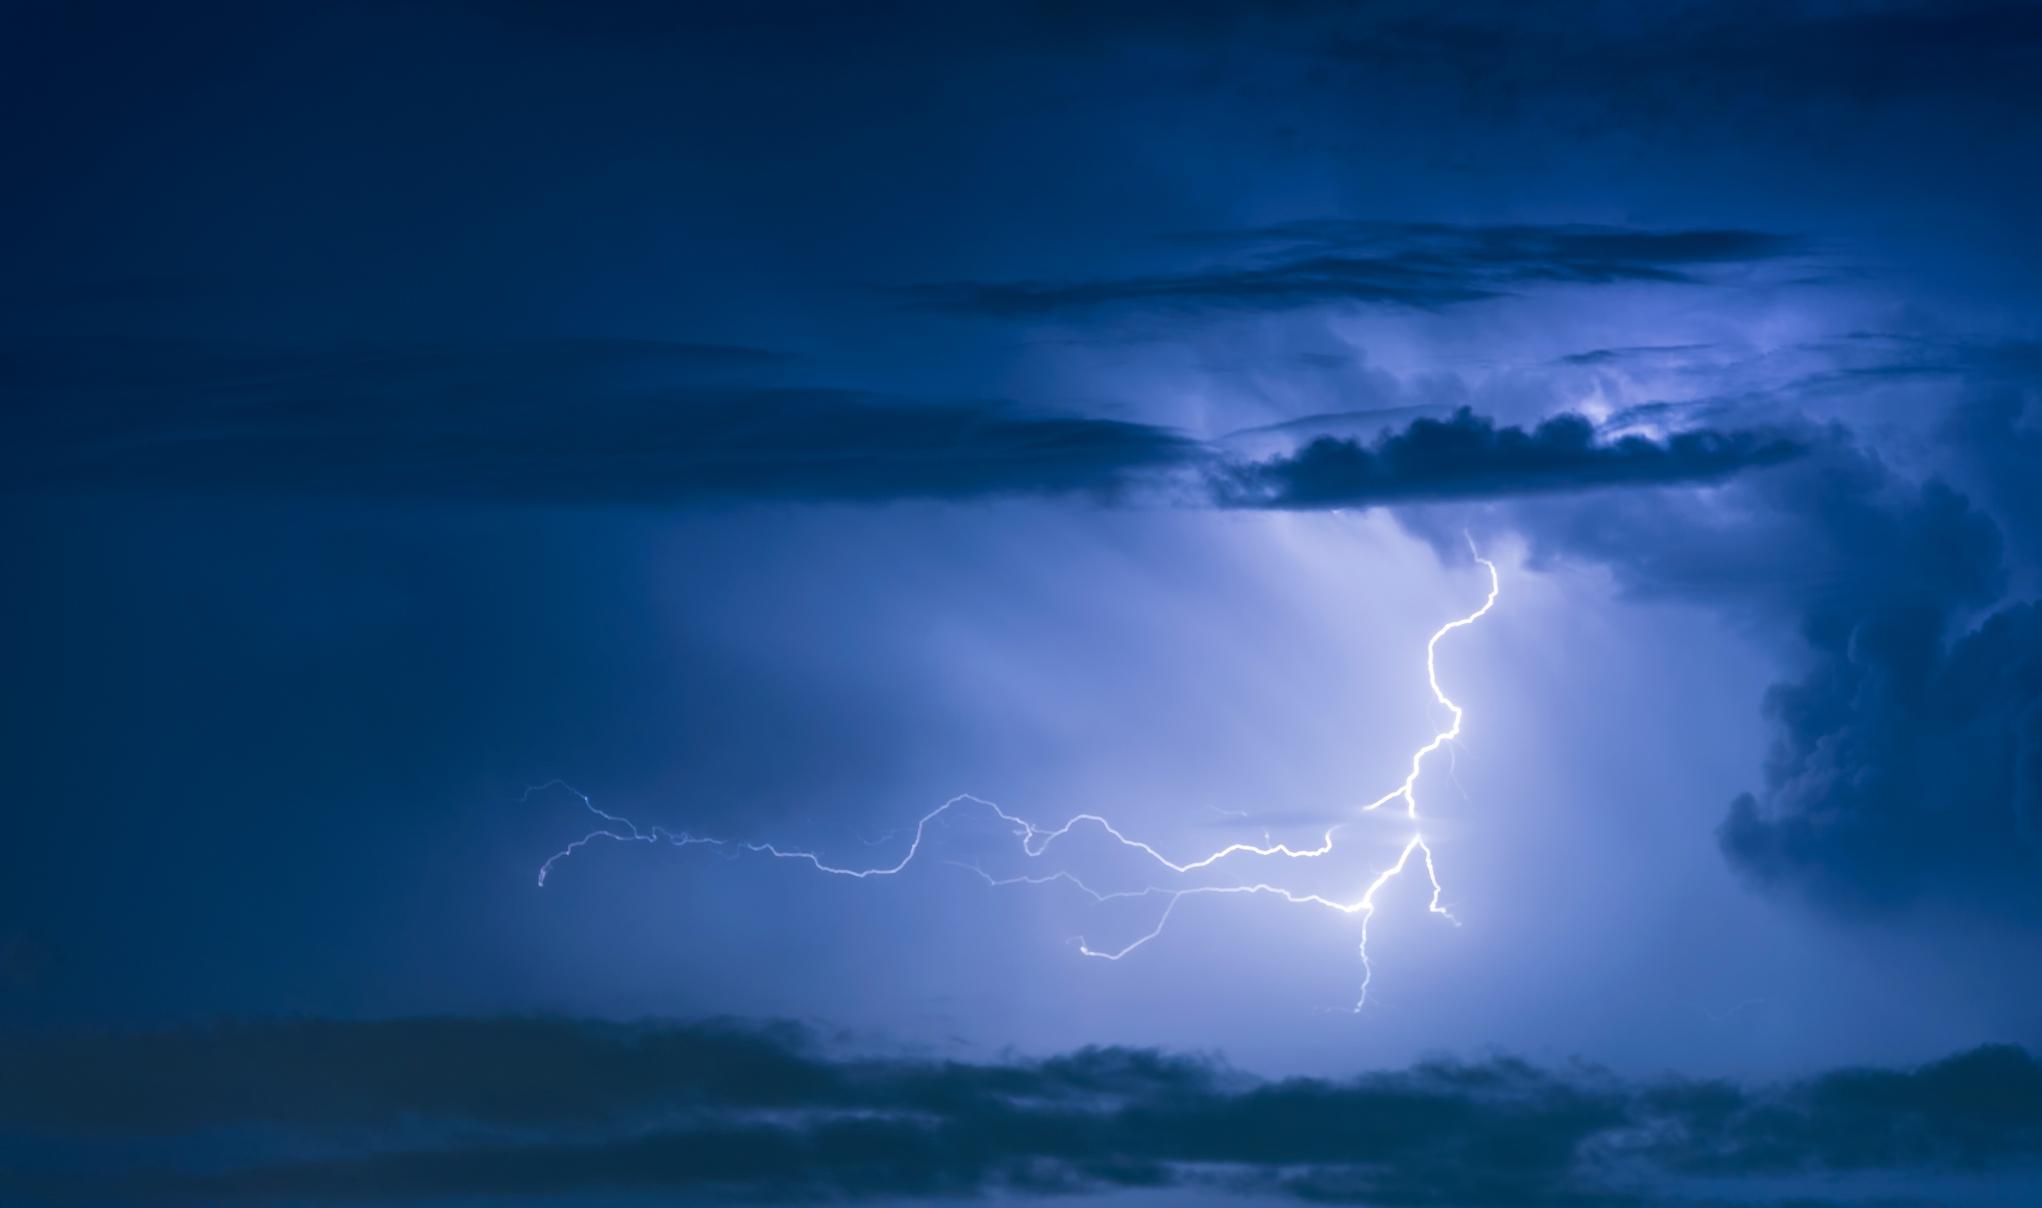 Pogoda Kolbuszowa. Idą burze. Sprawdź je na radarze na żywo  - Zdjęcie główne